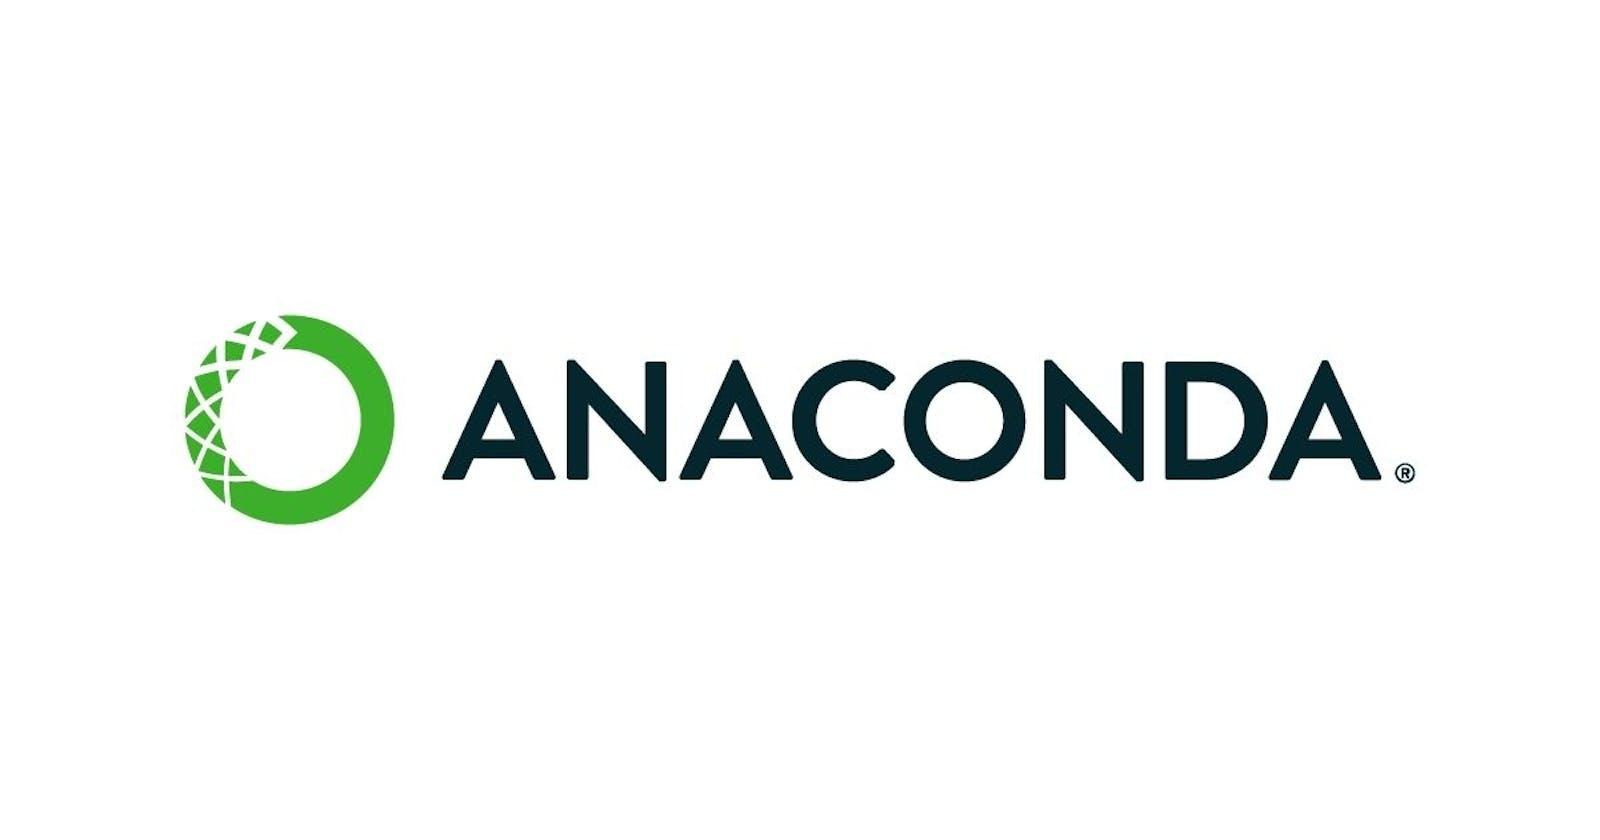 Anacondas and Machine Learning